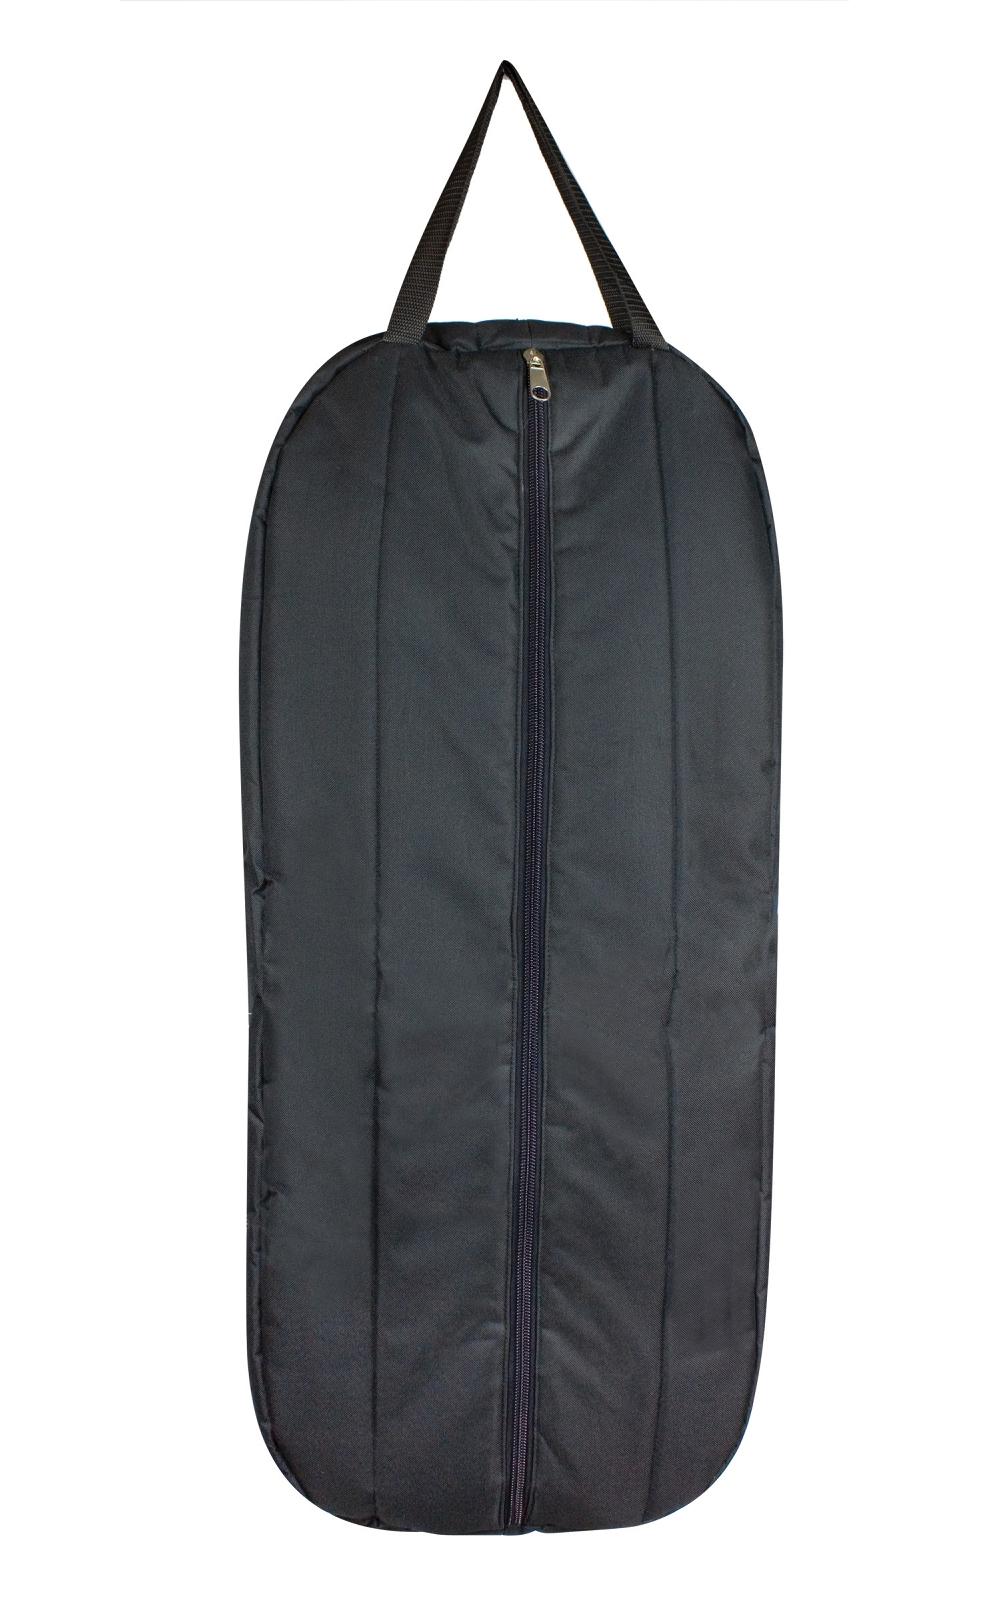 Perri's Deluxe Bridle/Halter Bag